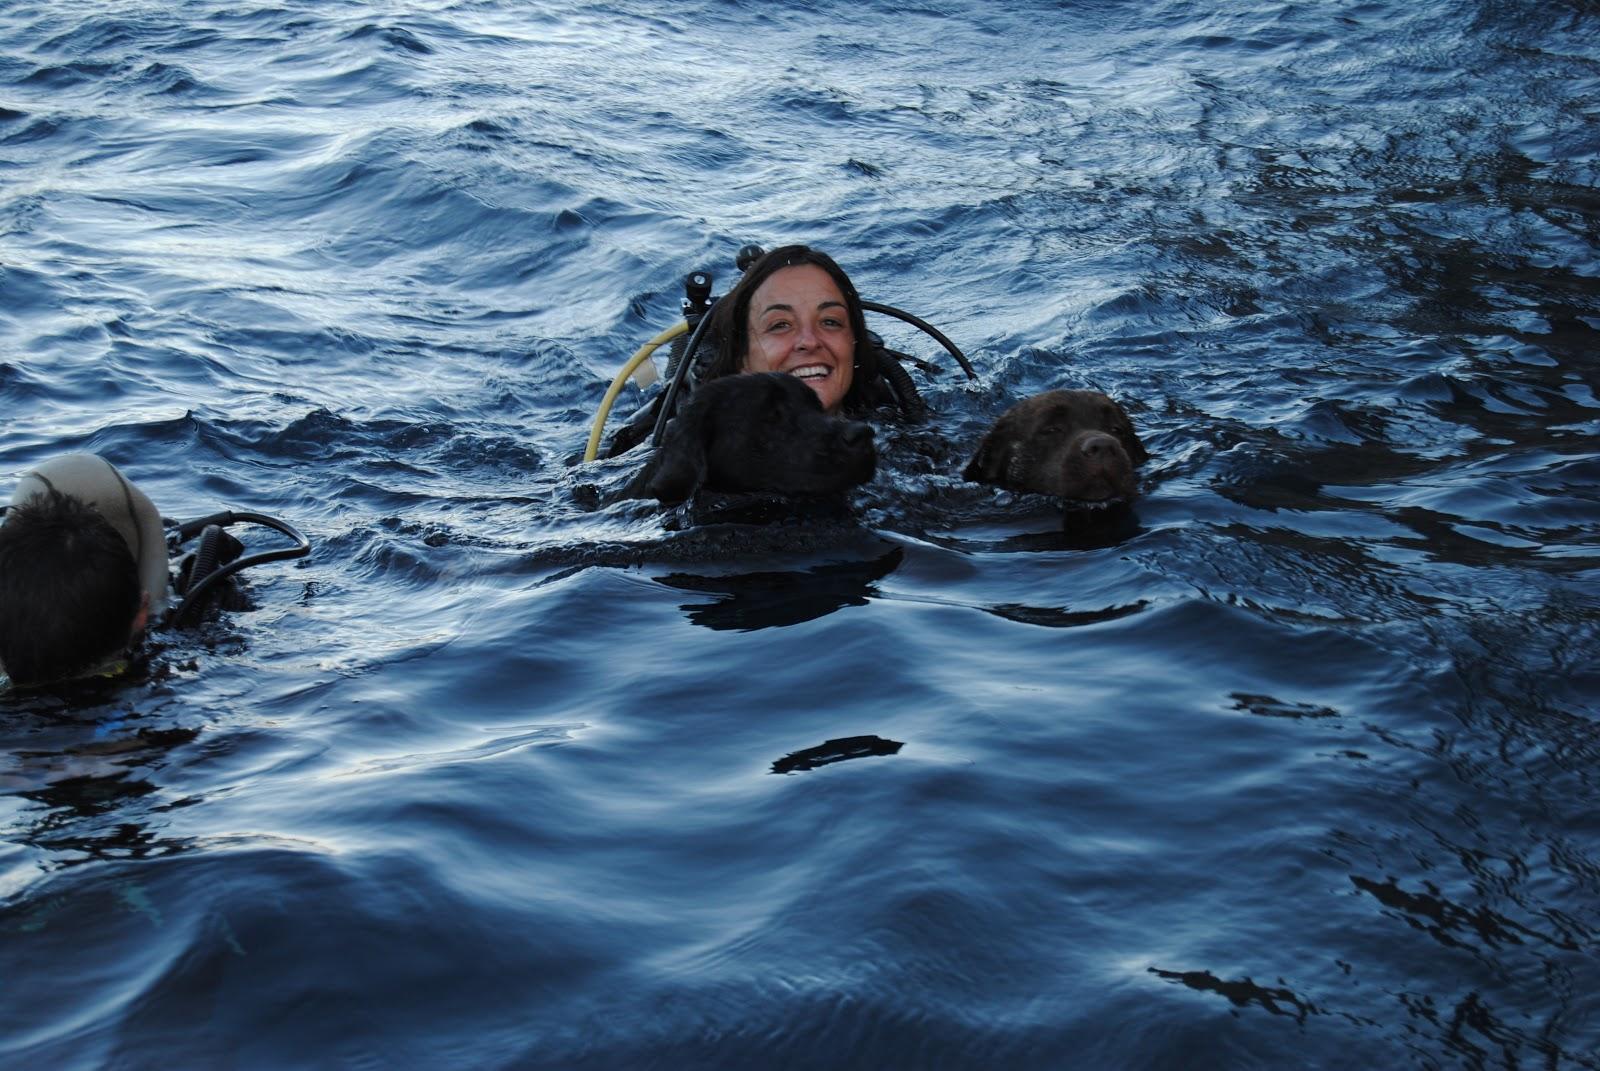 Dogsonboard anche fido diventa velista in immersione - Dive per sempre ...